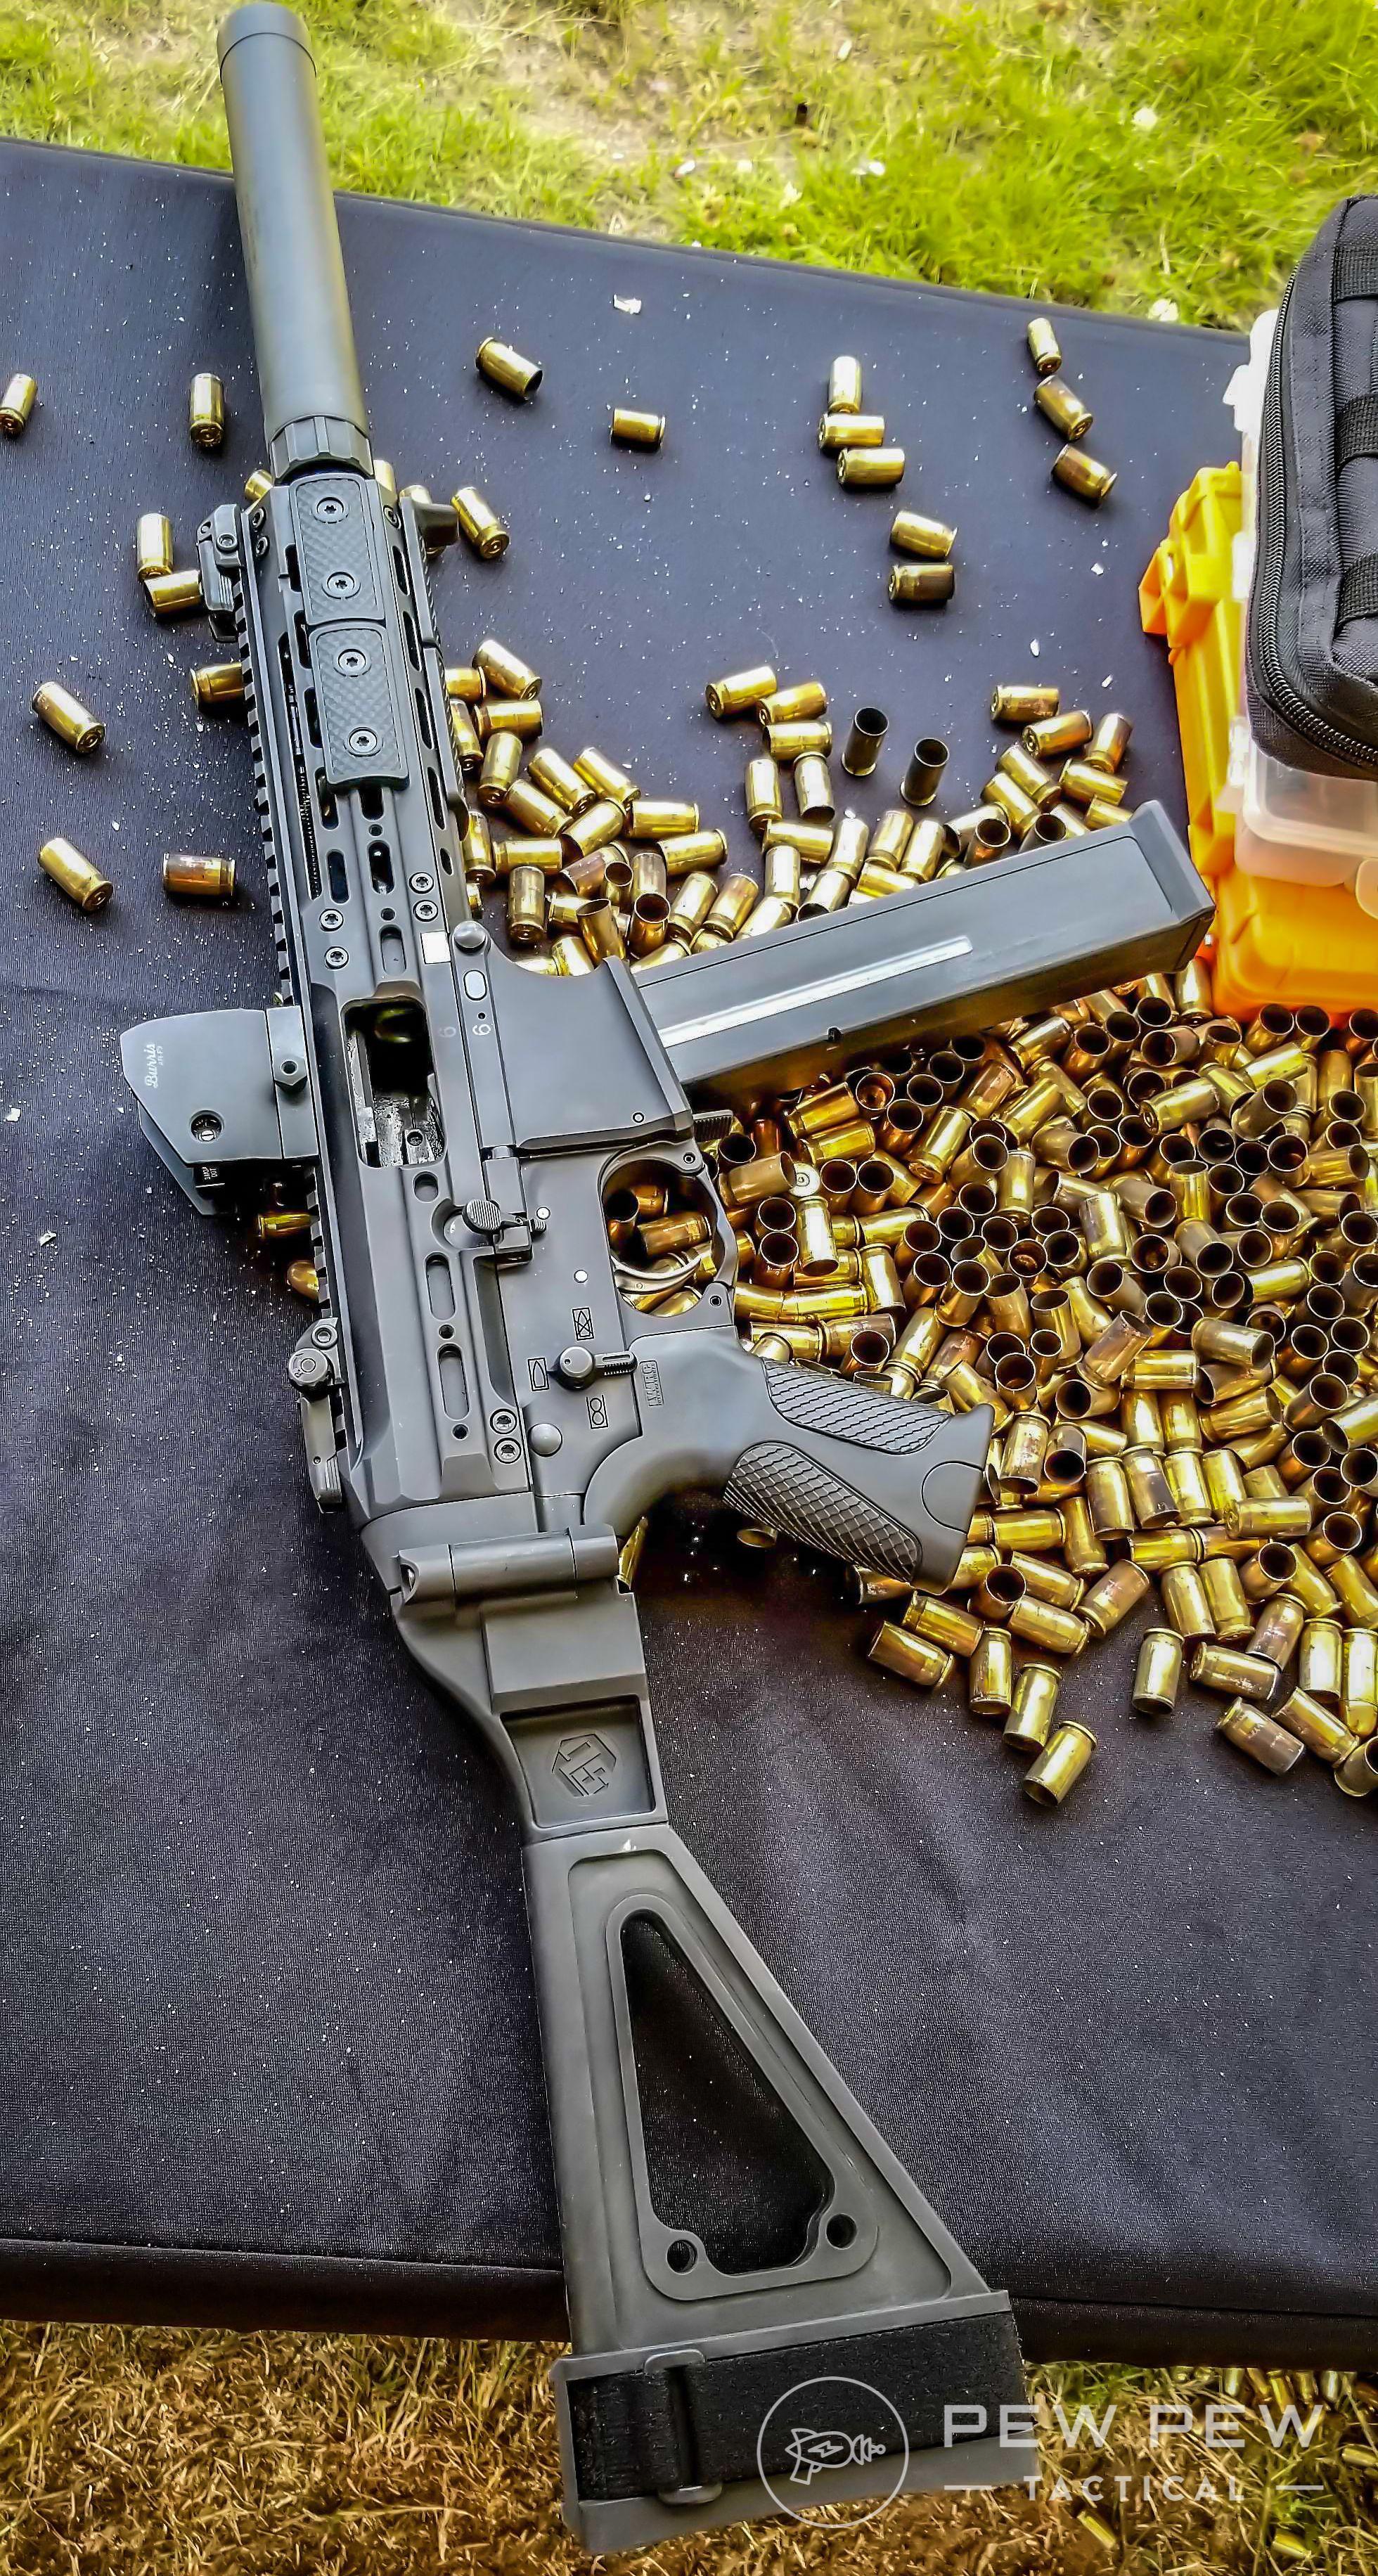 Pin On Pistols Handguns